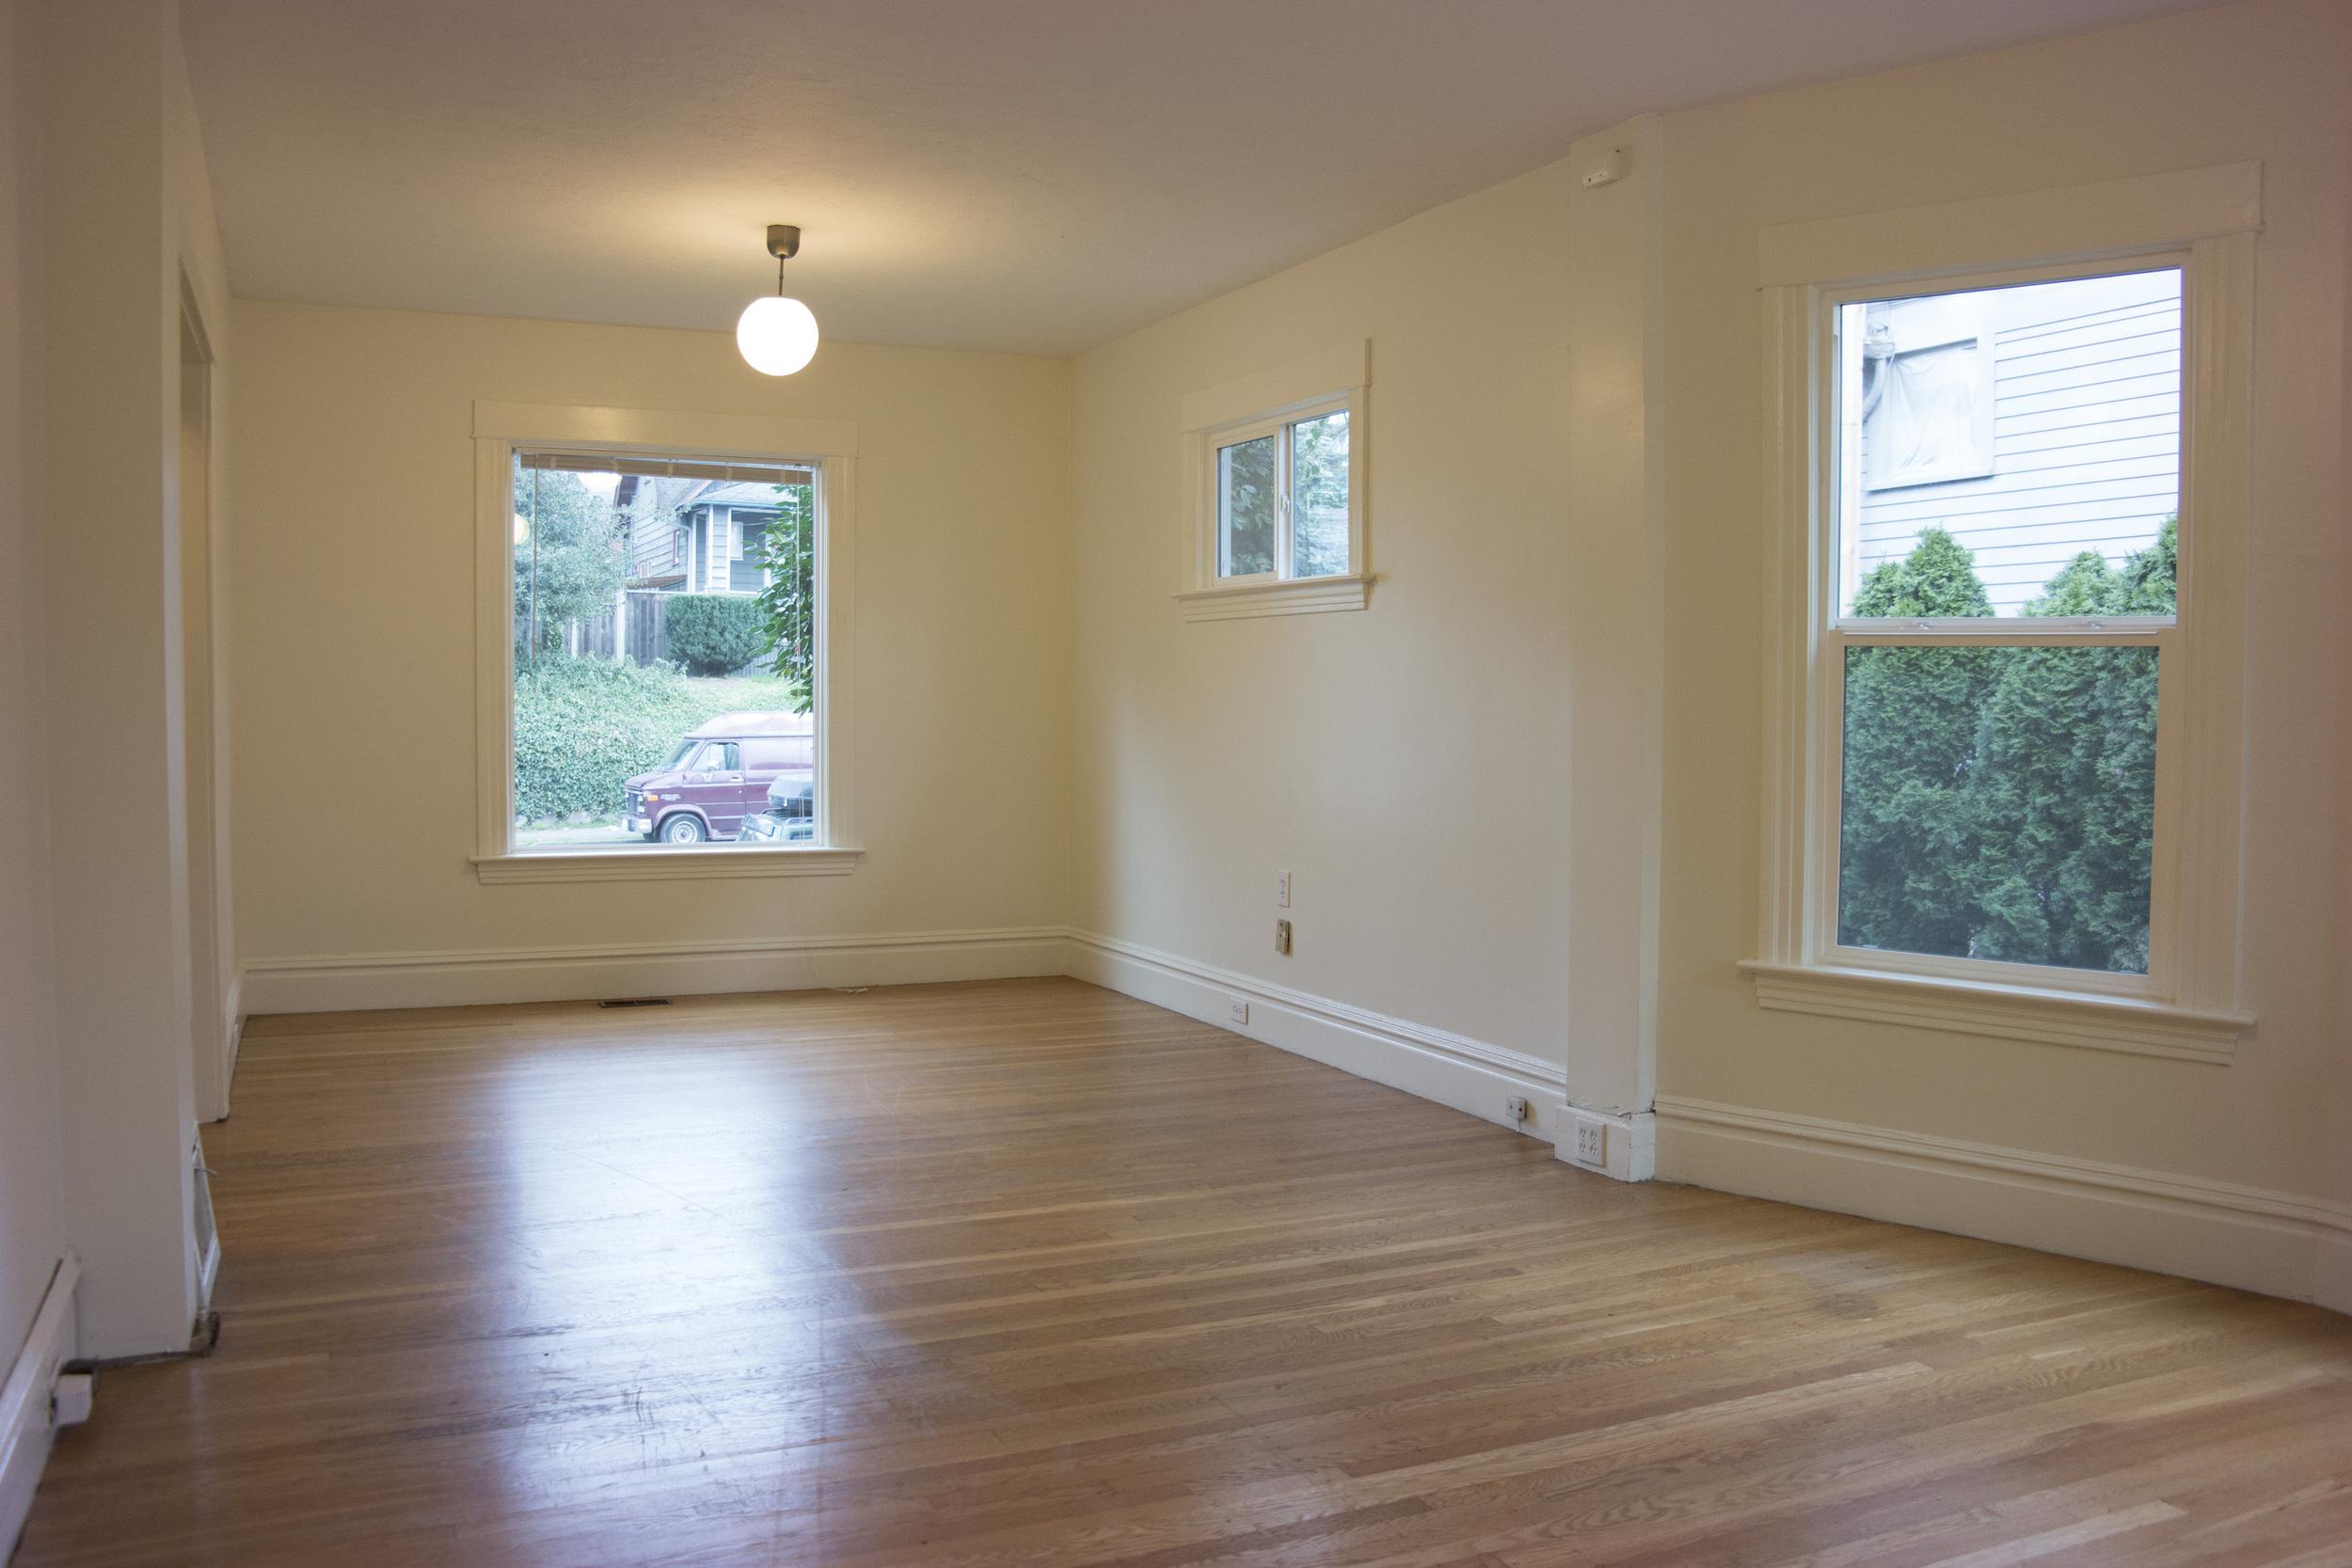 09-Livingroom2.jpg